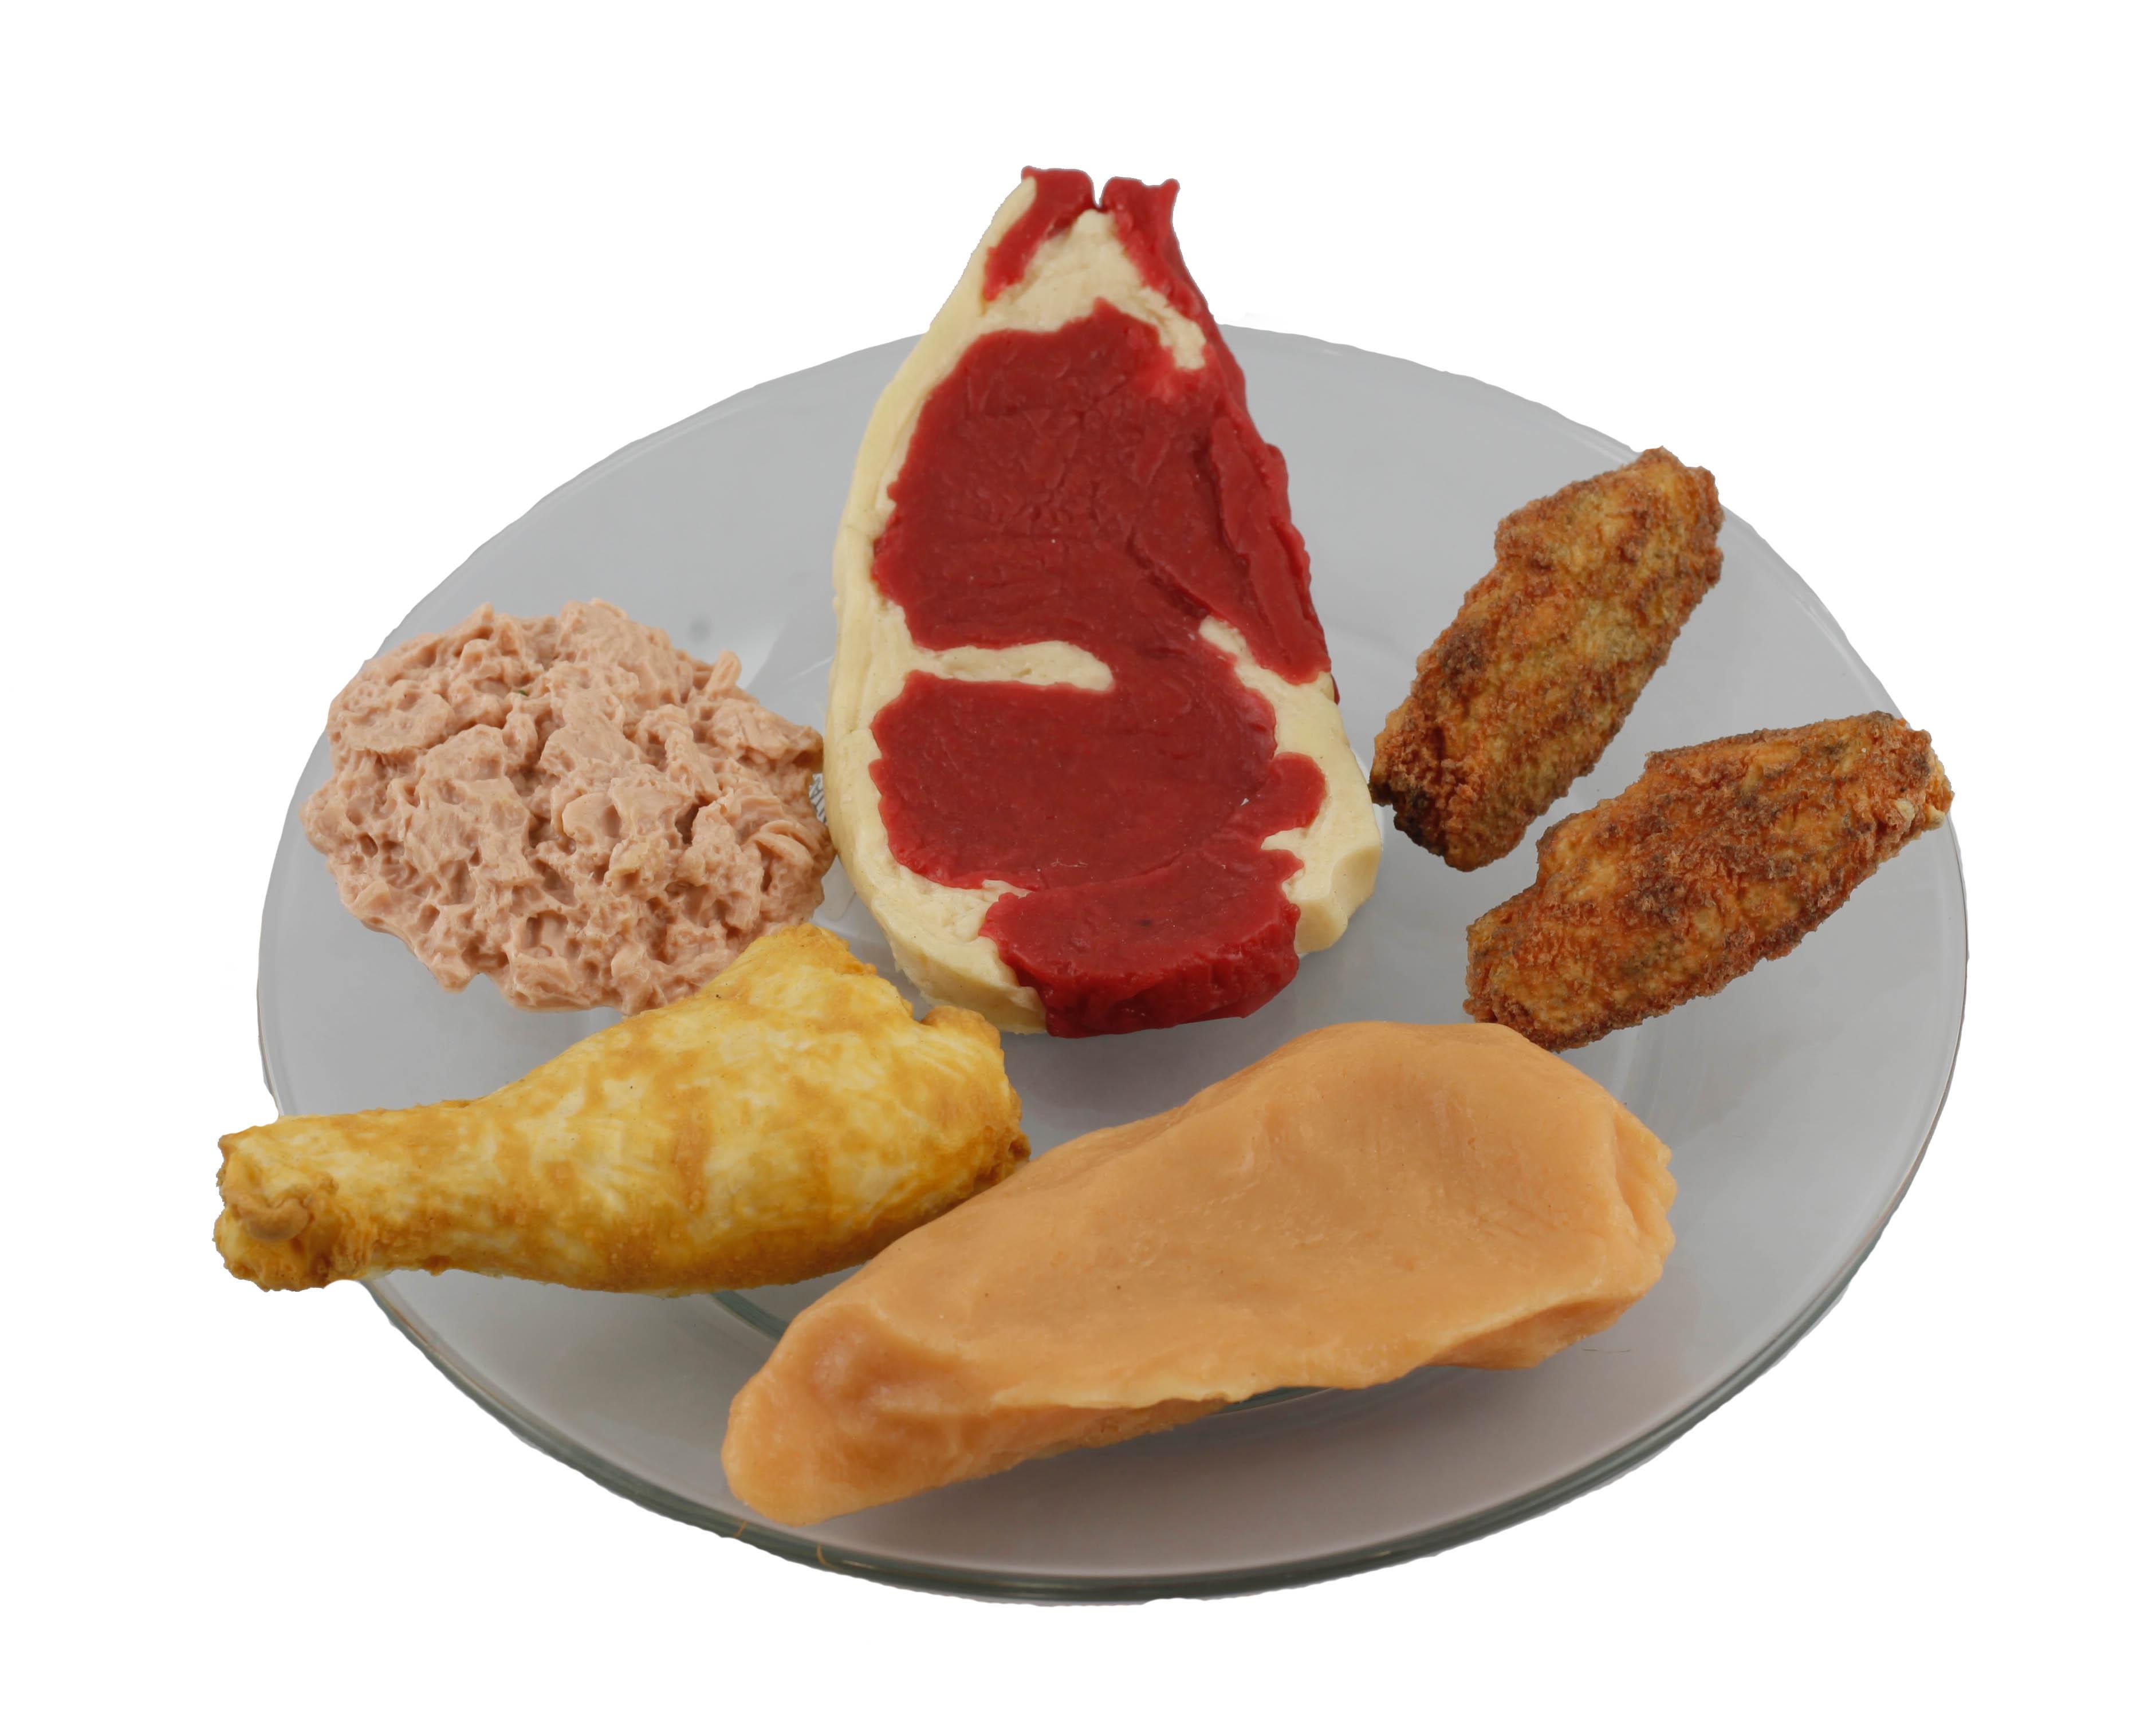 Plato con réplicas de alimentos de origen animal